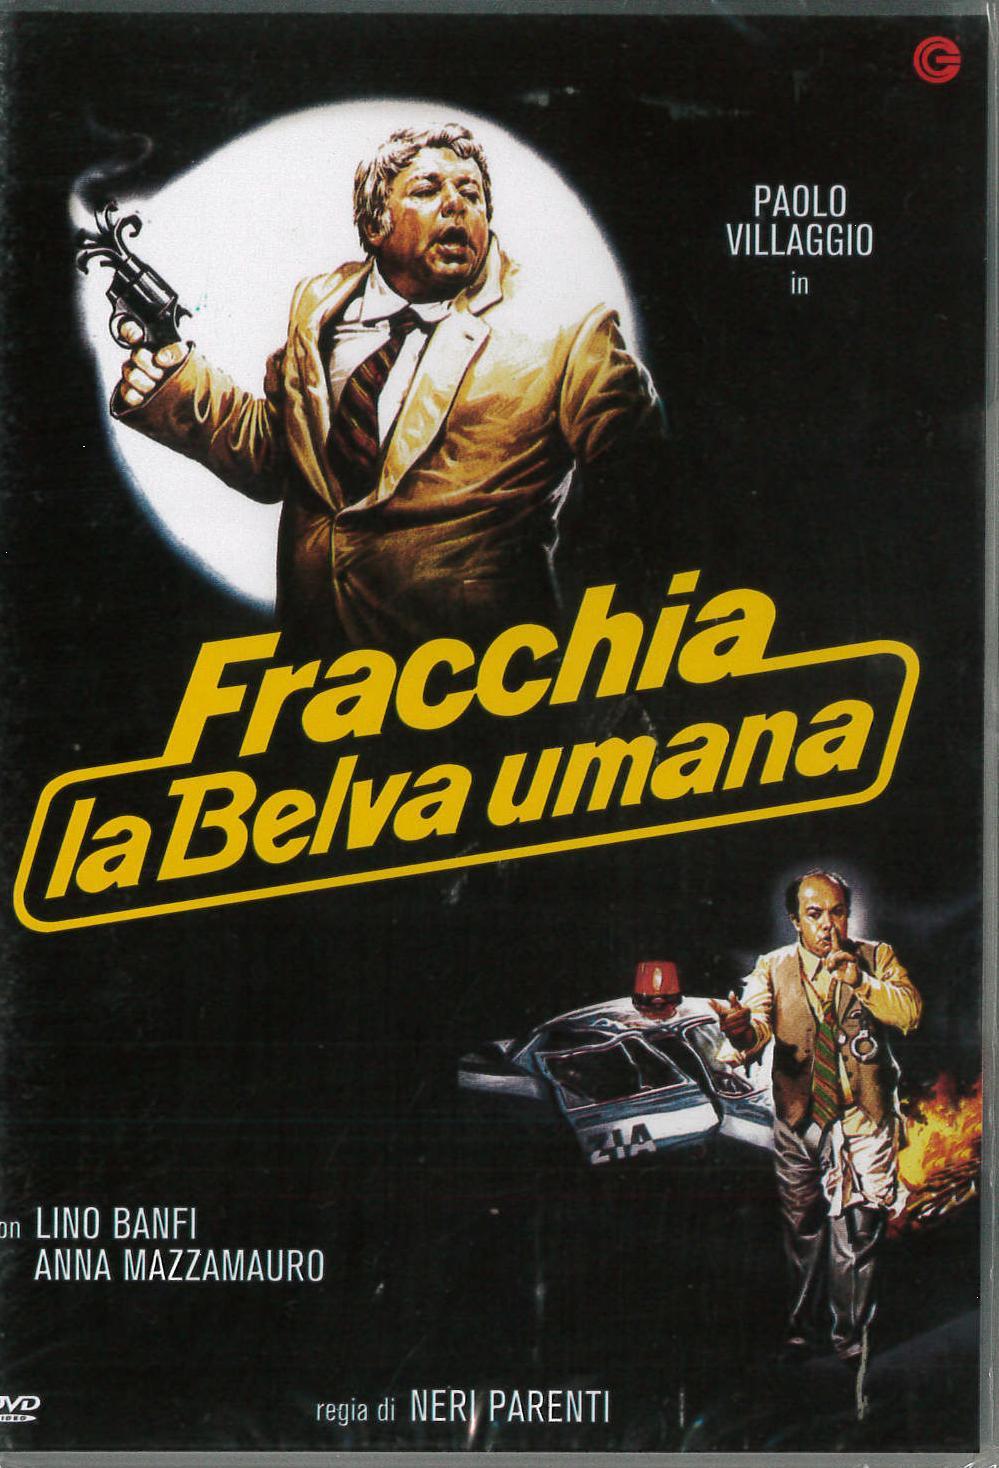 FRACCHIA LA BELVA UMANA (DVD)